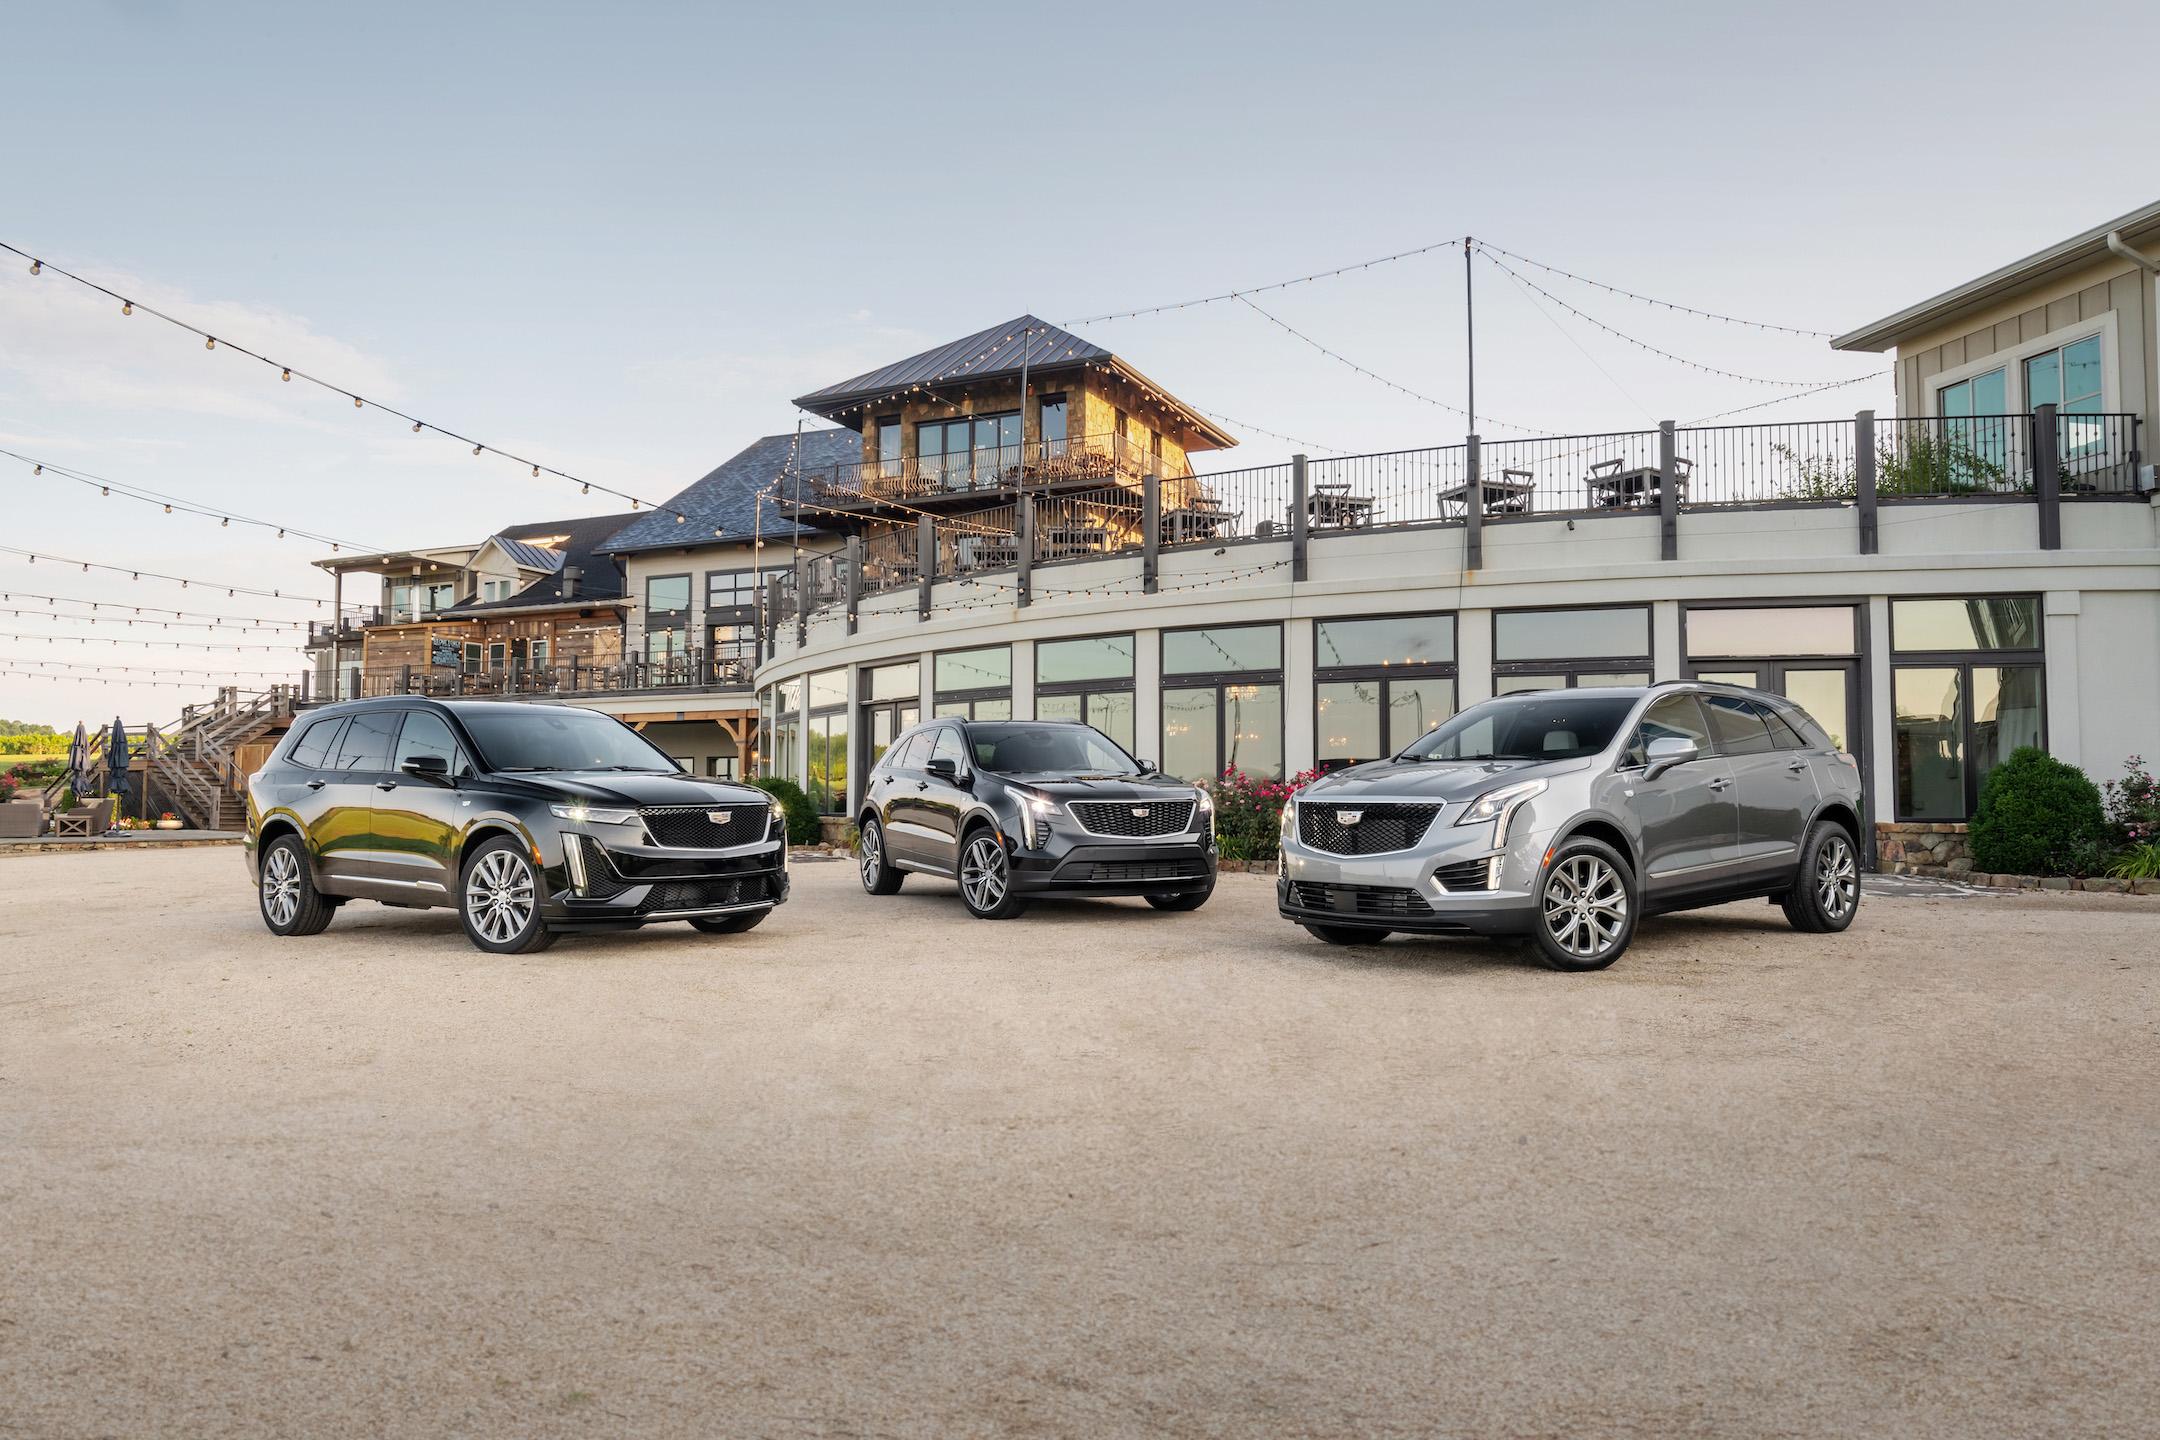 Cadillac SUV family